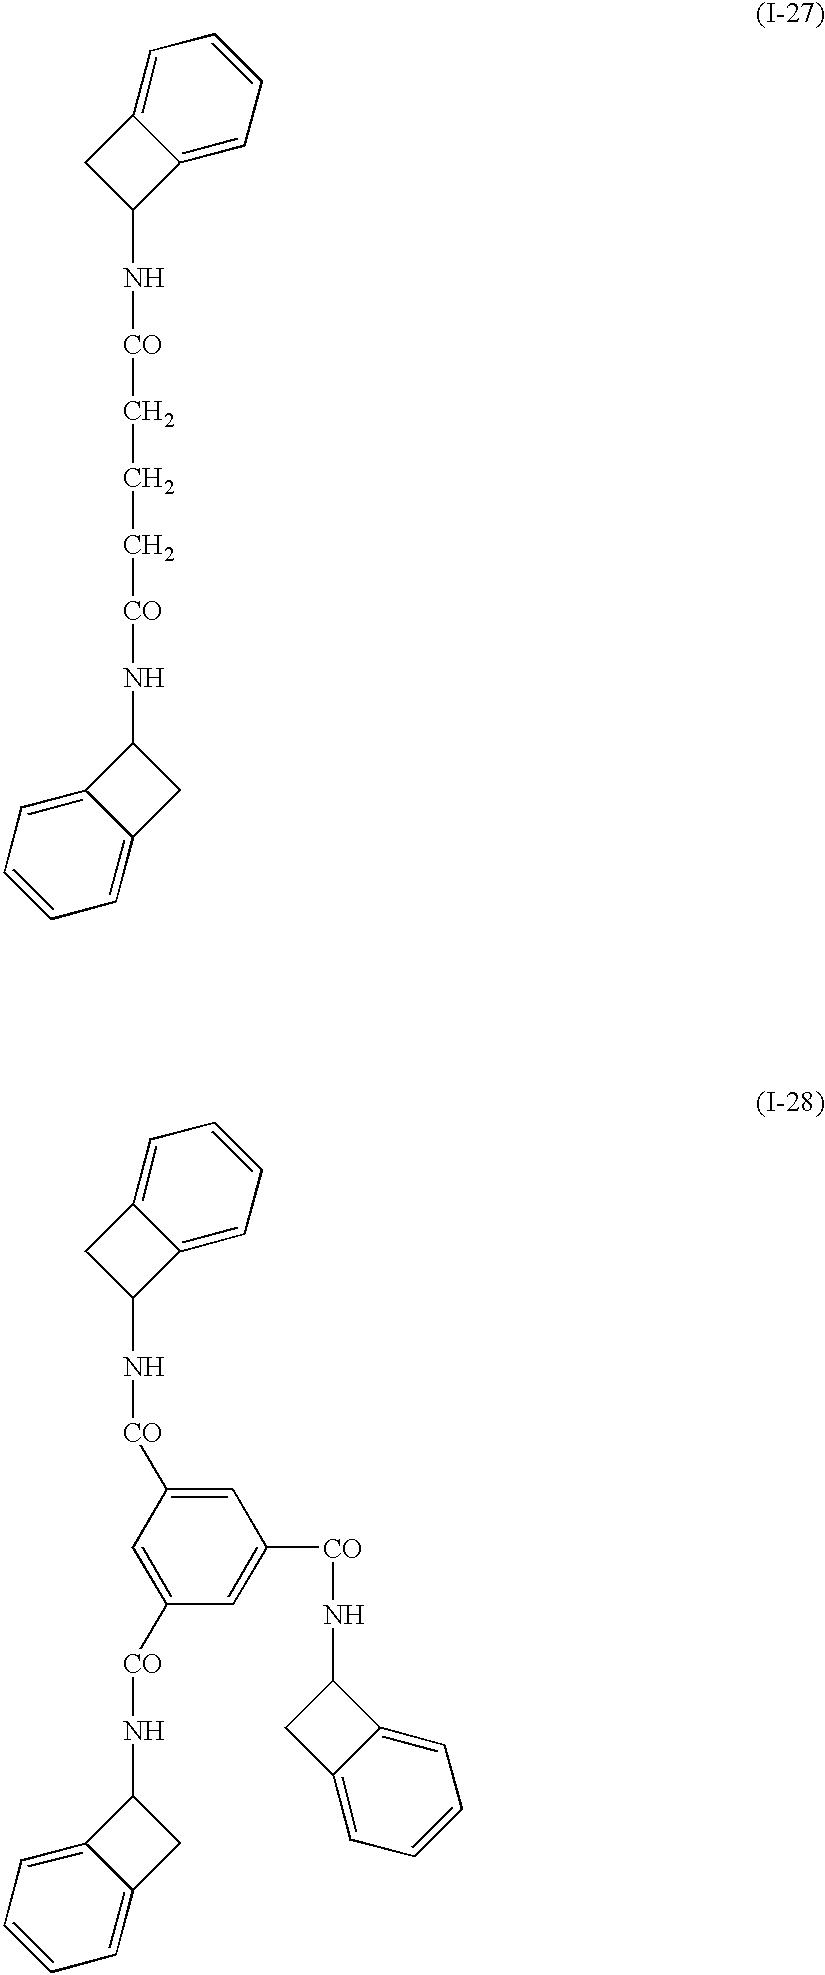 Figure US20030165778A1-20030904-C00019